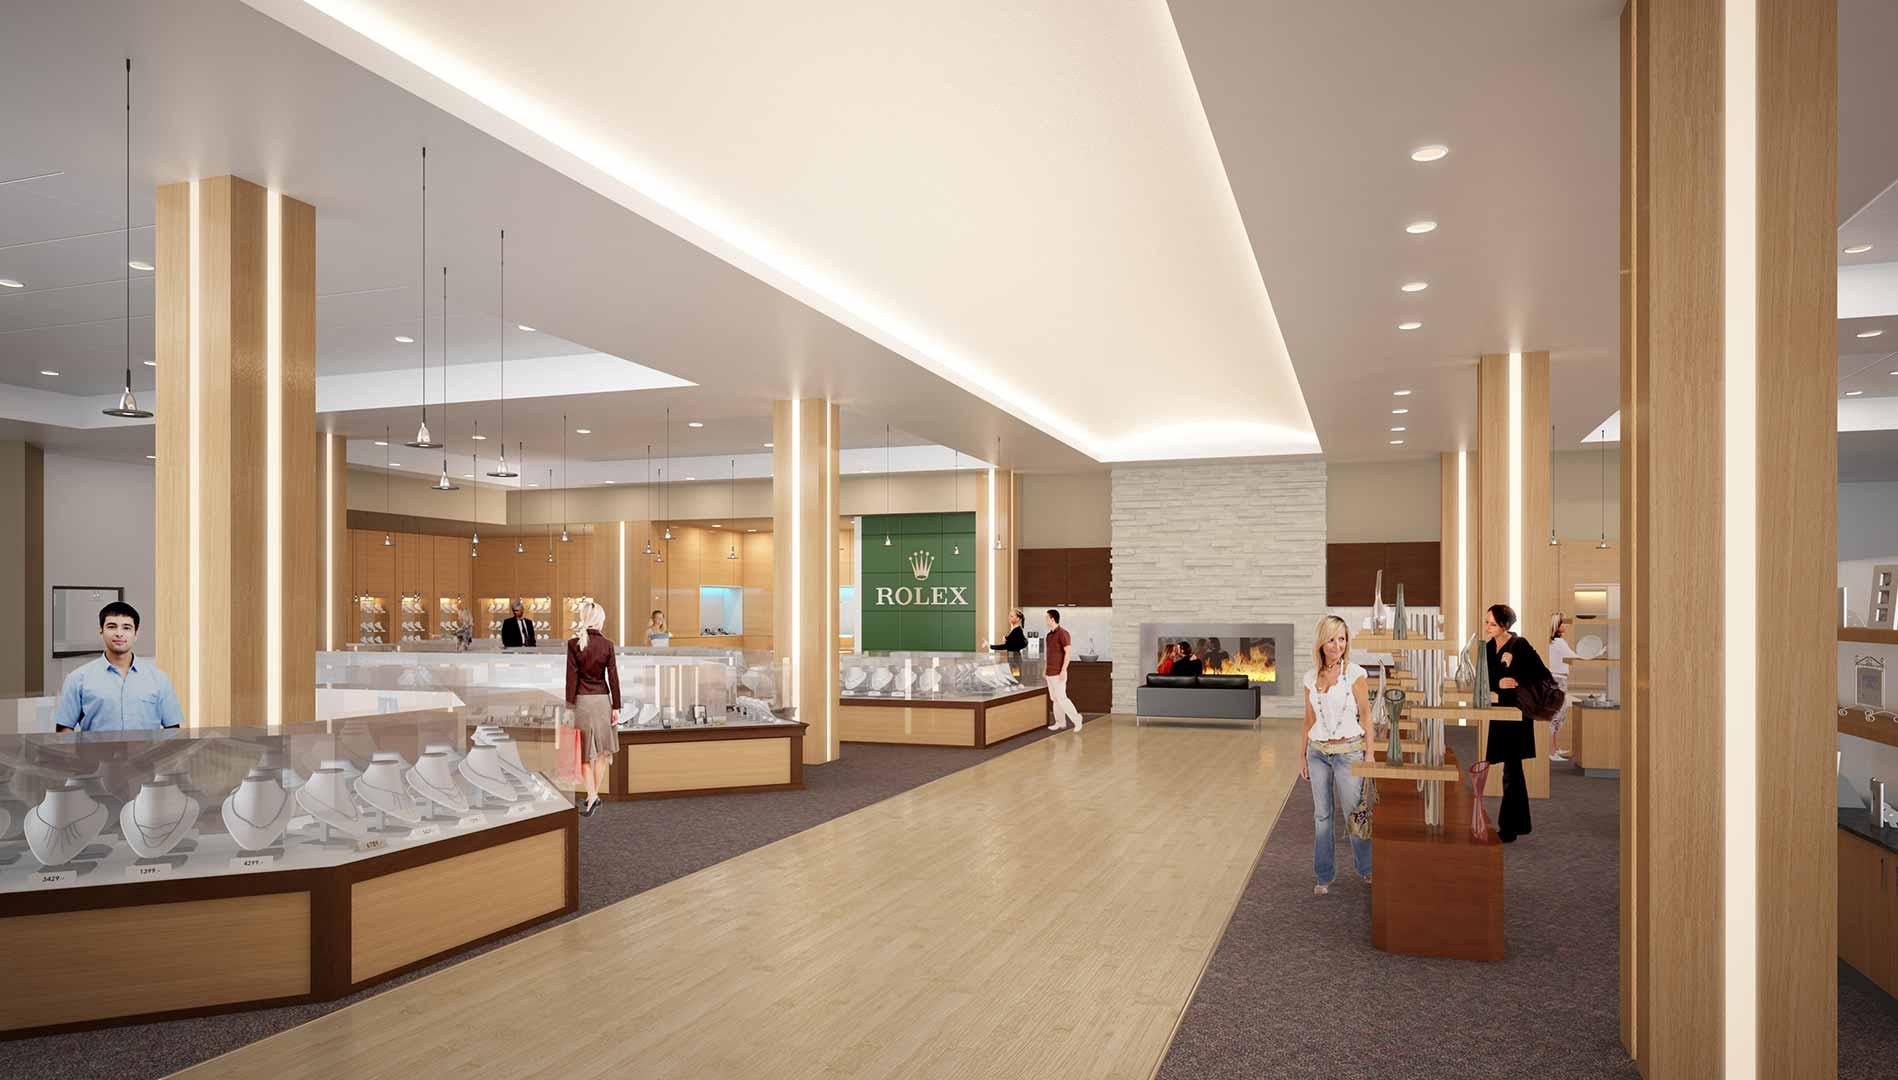 Architectural interior design services